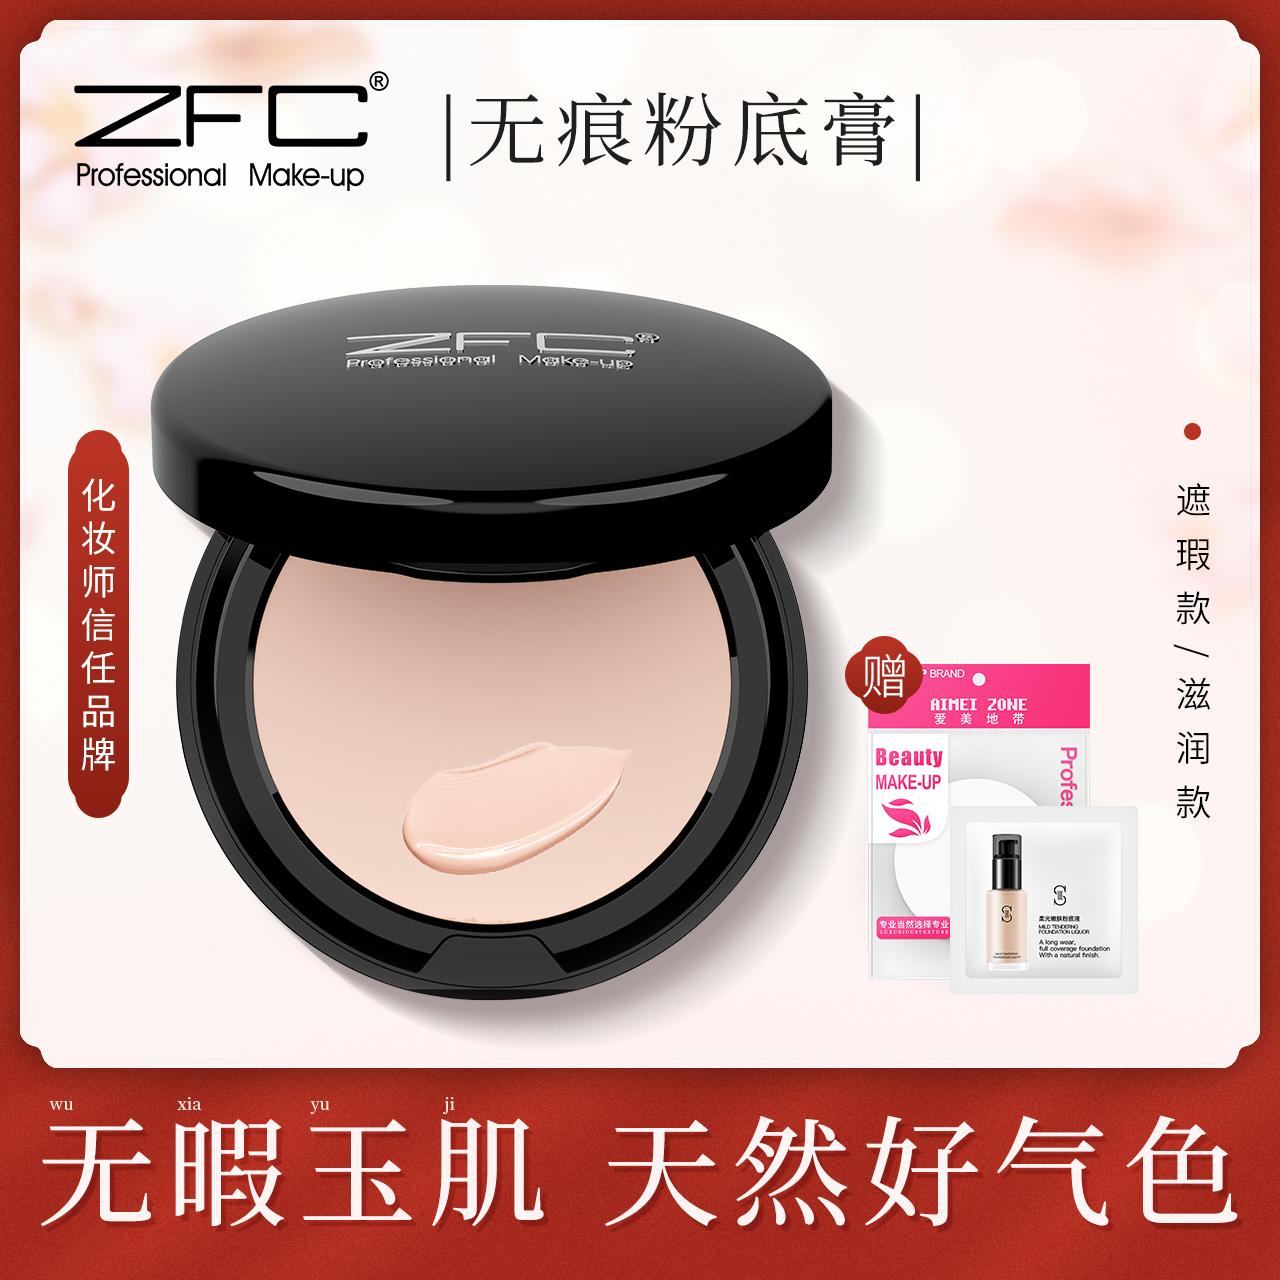 ZFCファンデーションの規格品は瑕疵の膏を遮って油の持久ファンデーションbbクリームcc霜保湿の裸の化粧のファンデーションのファンデーションのファンデーションを抑えます。